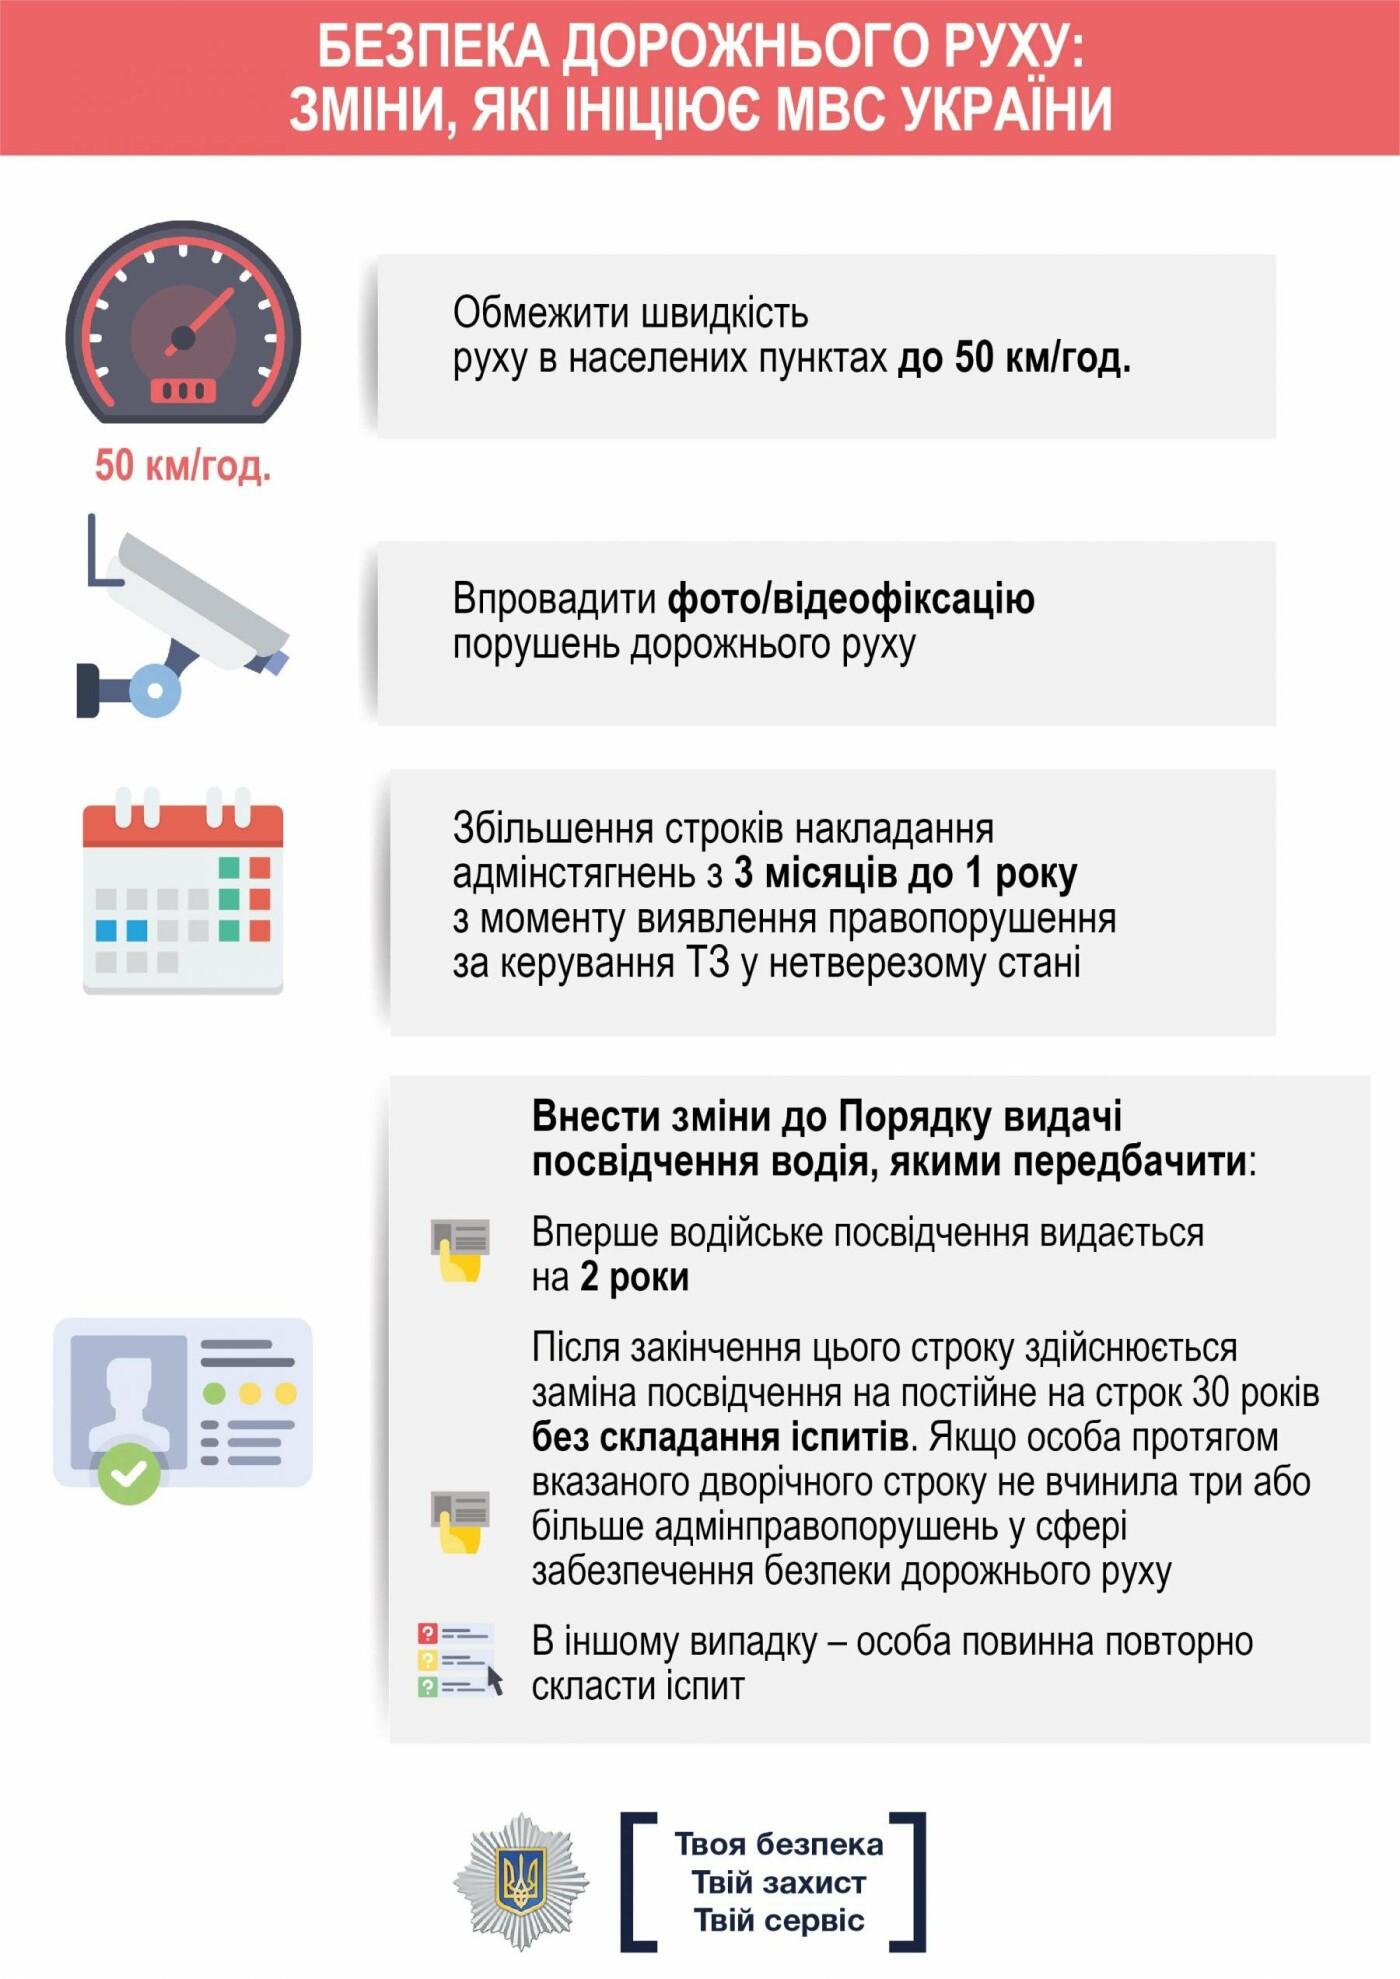 З 1-го січня в Україні збільшилися штрафи за порушення правил дорожнього руху (ІНФОГРАФІКА), фото-2